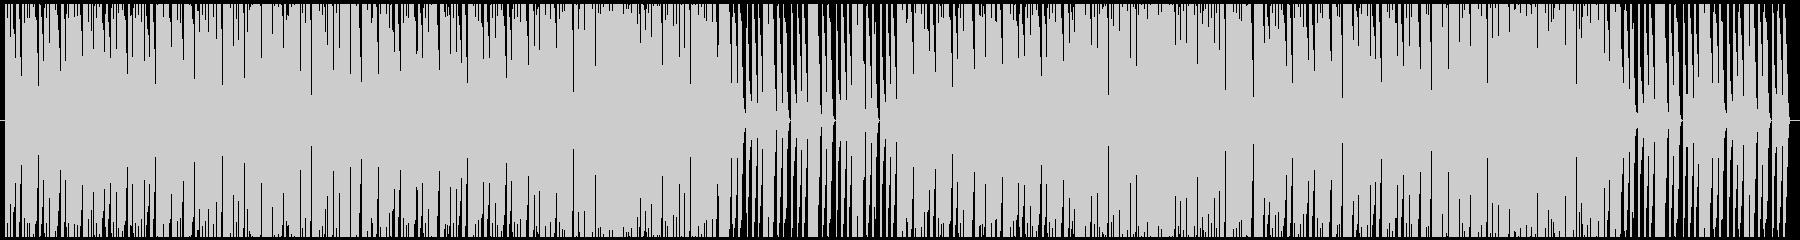 戦闘シーンをイメージした曲.02の未再生の波形